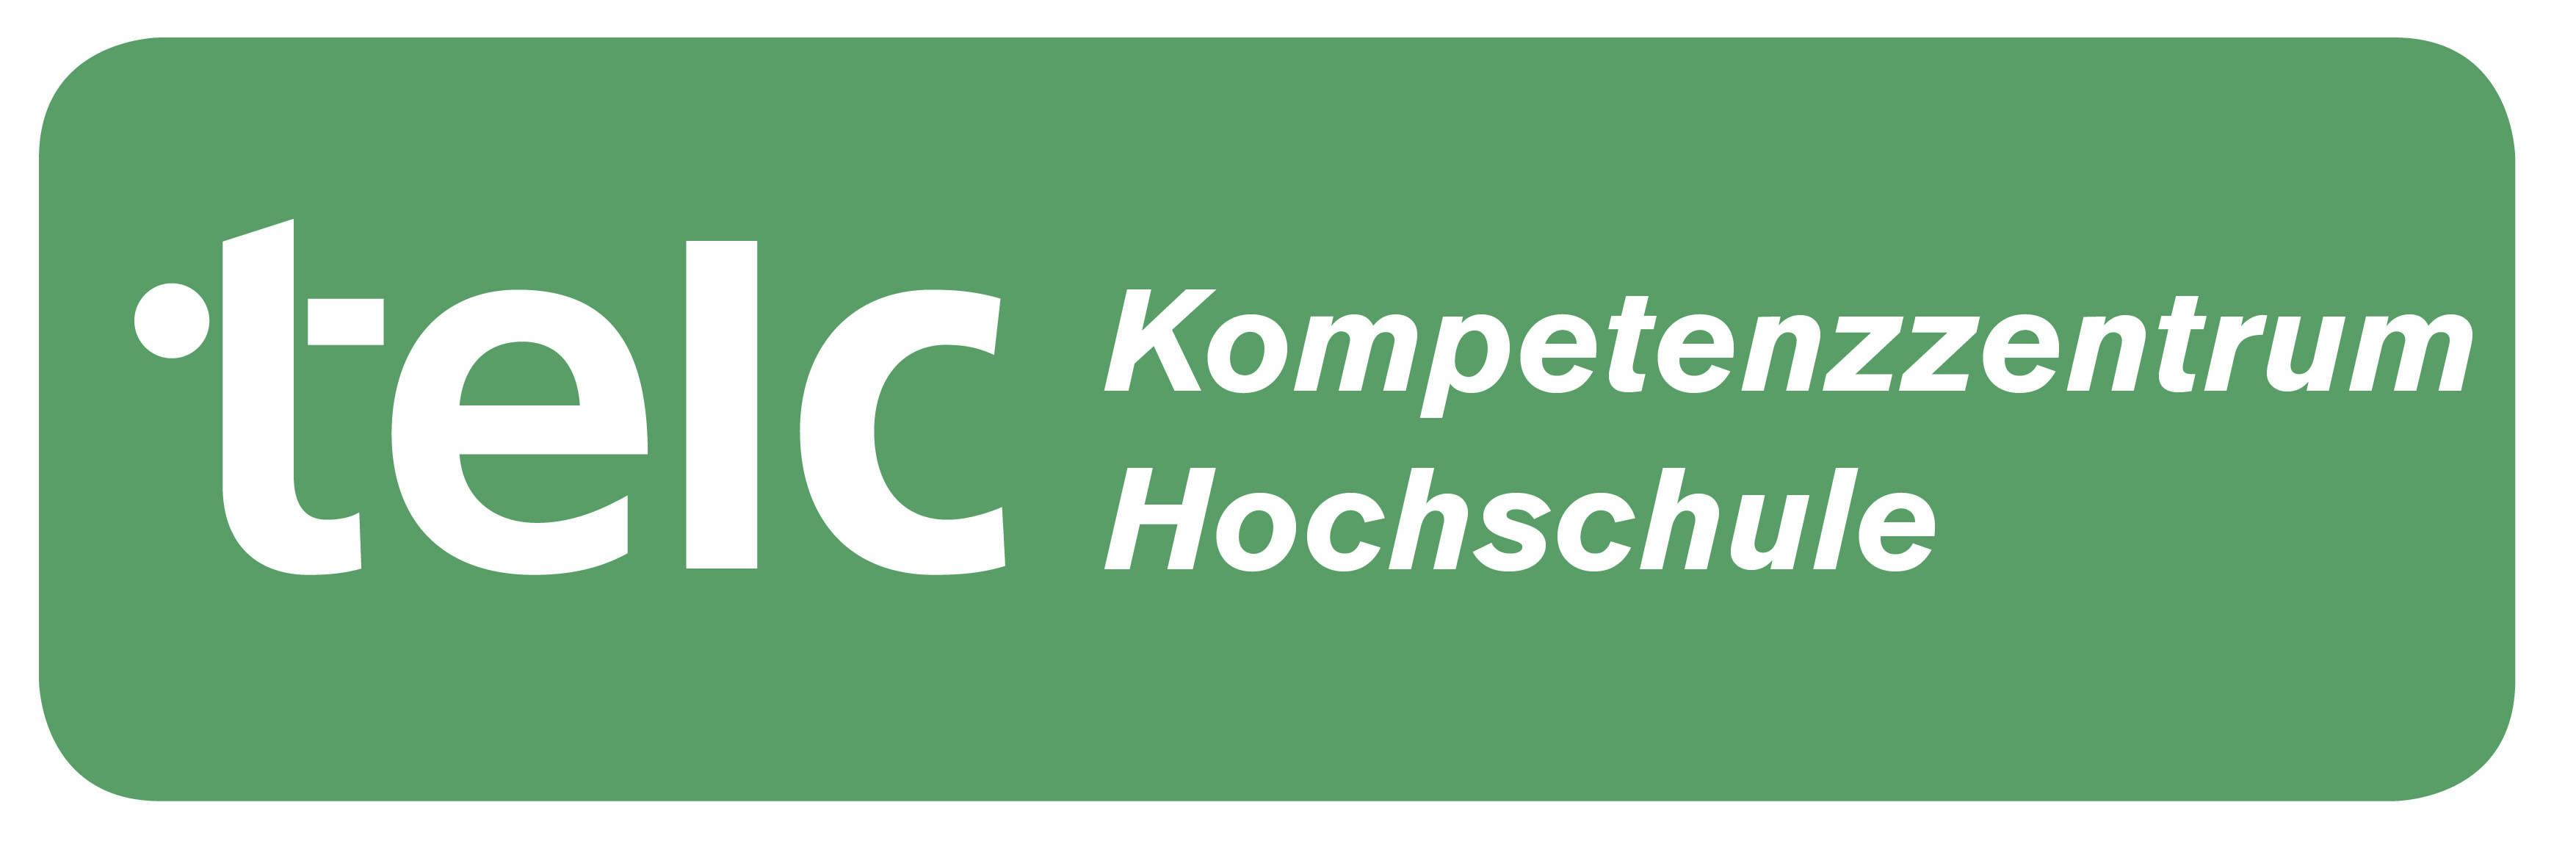 Preparazione all'esame telc Deutsch C1 Hochschule a Berlino